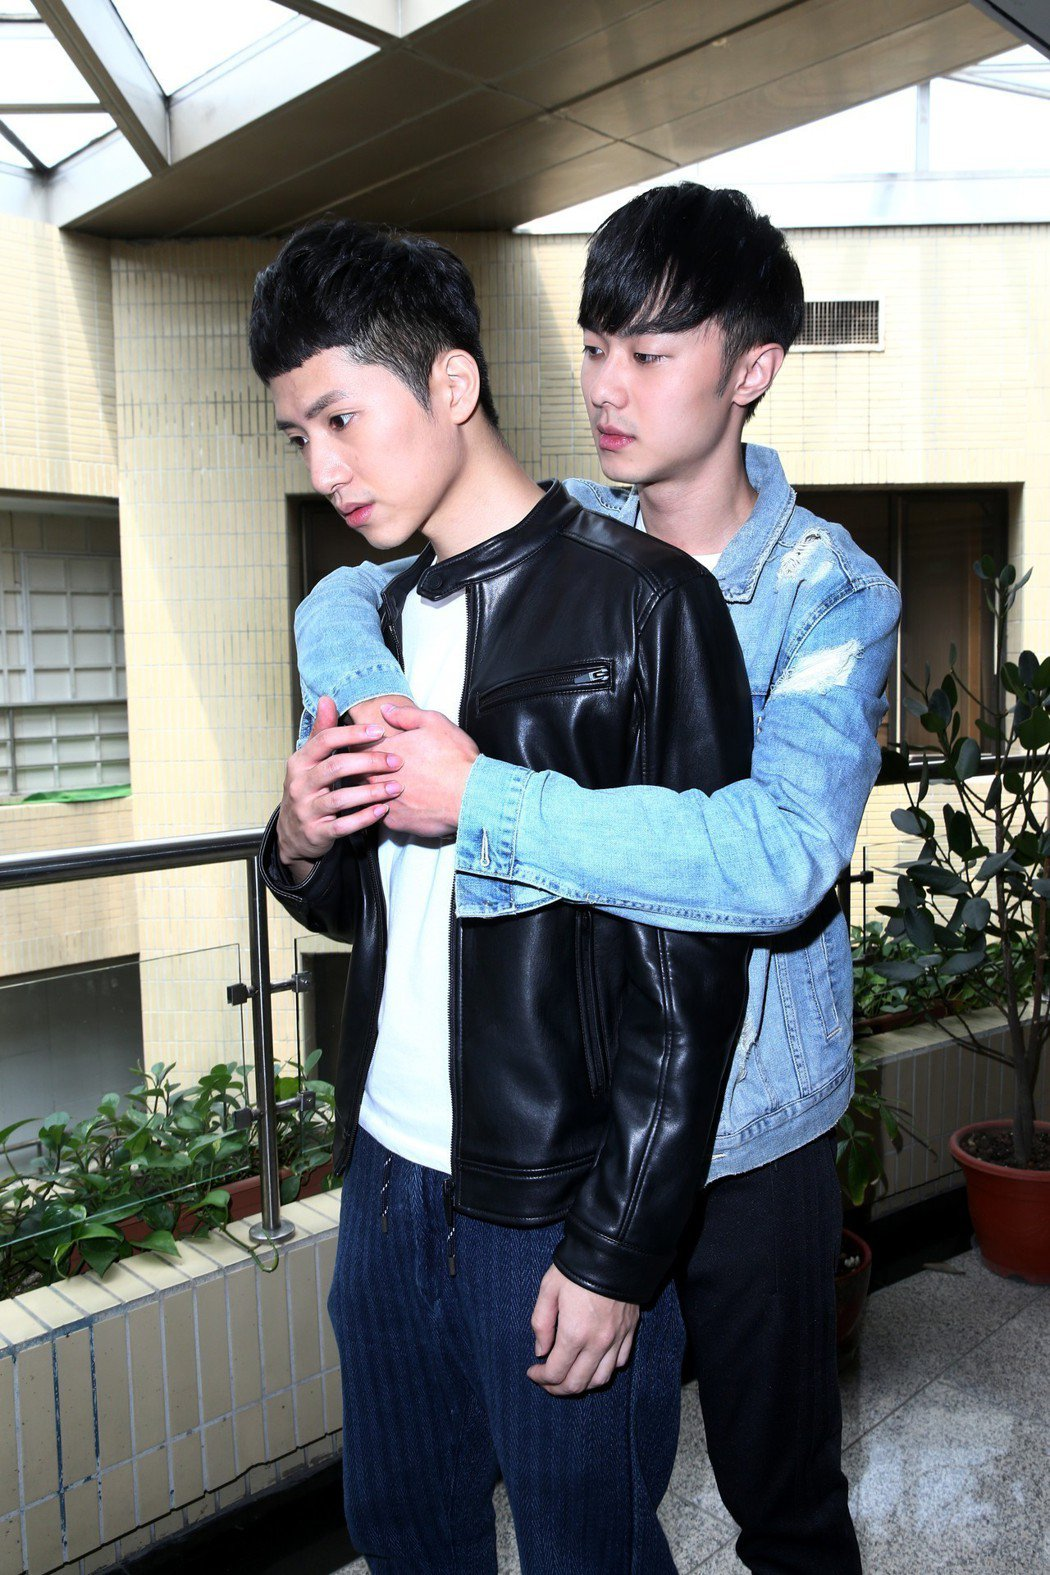 楊孟霖(左)與施柏宇(右)專訪。記者蘇健忠/攝影